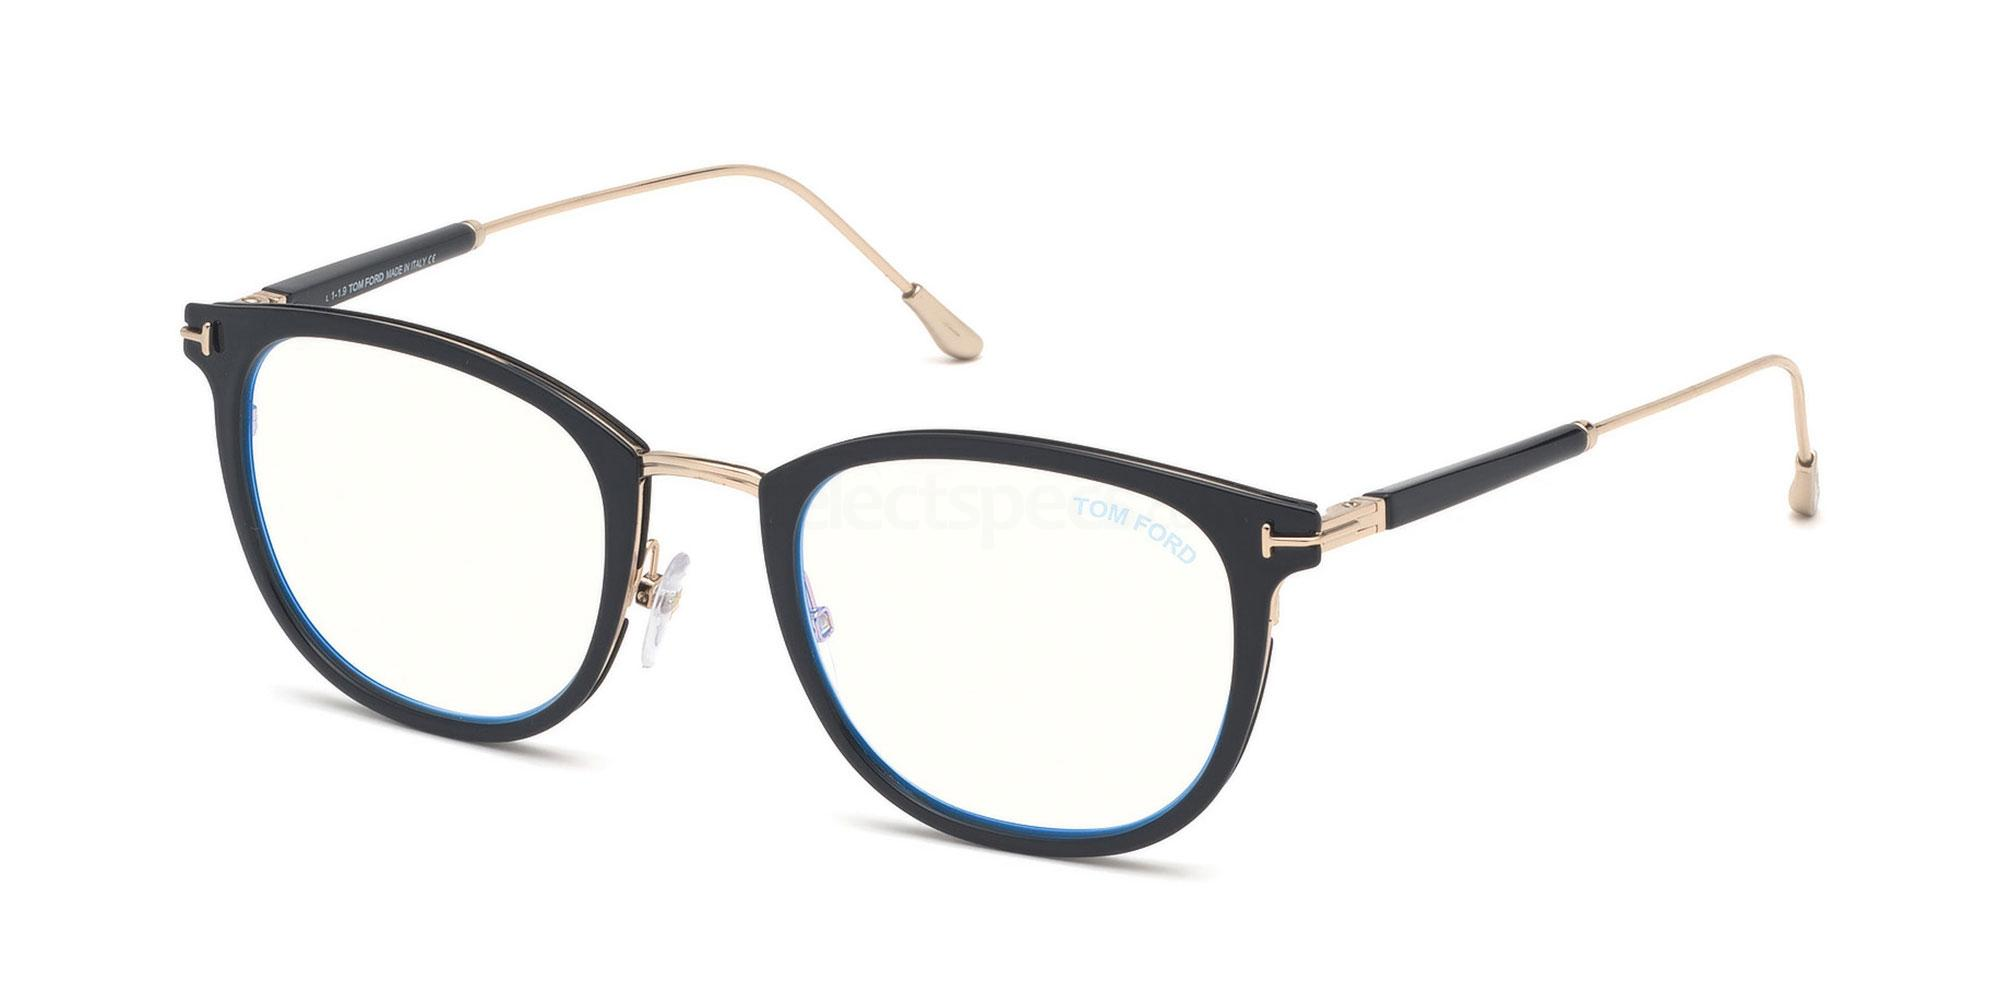 001 FT5612-B Glasses, Tom Ford